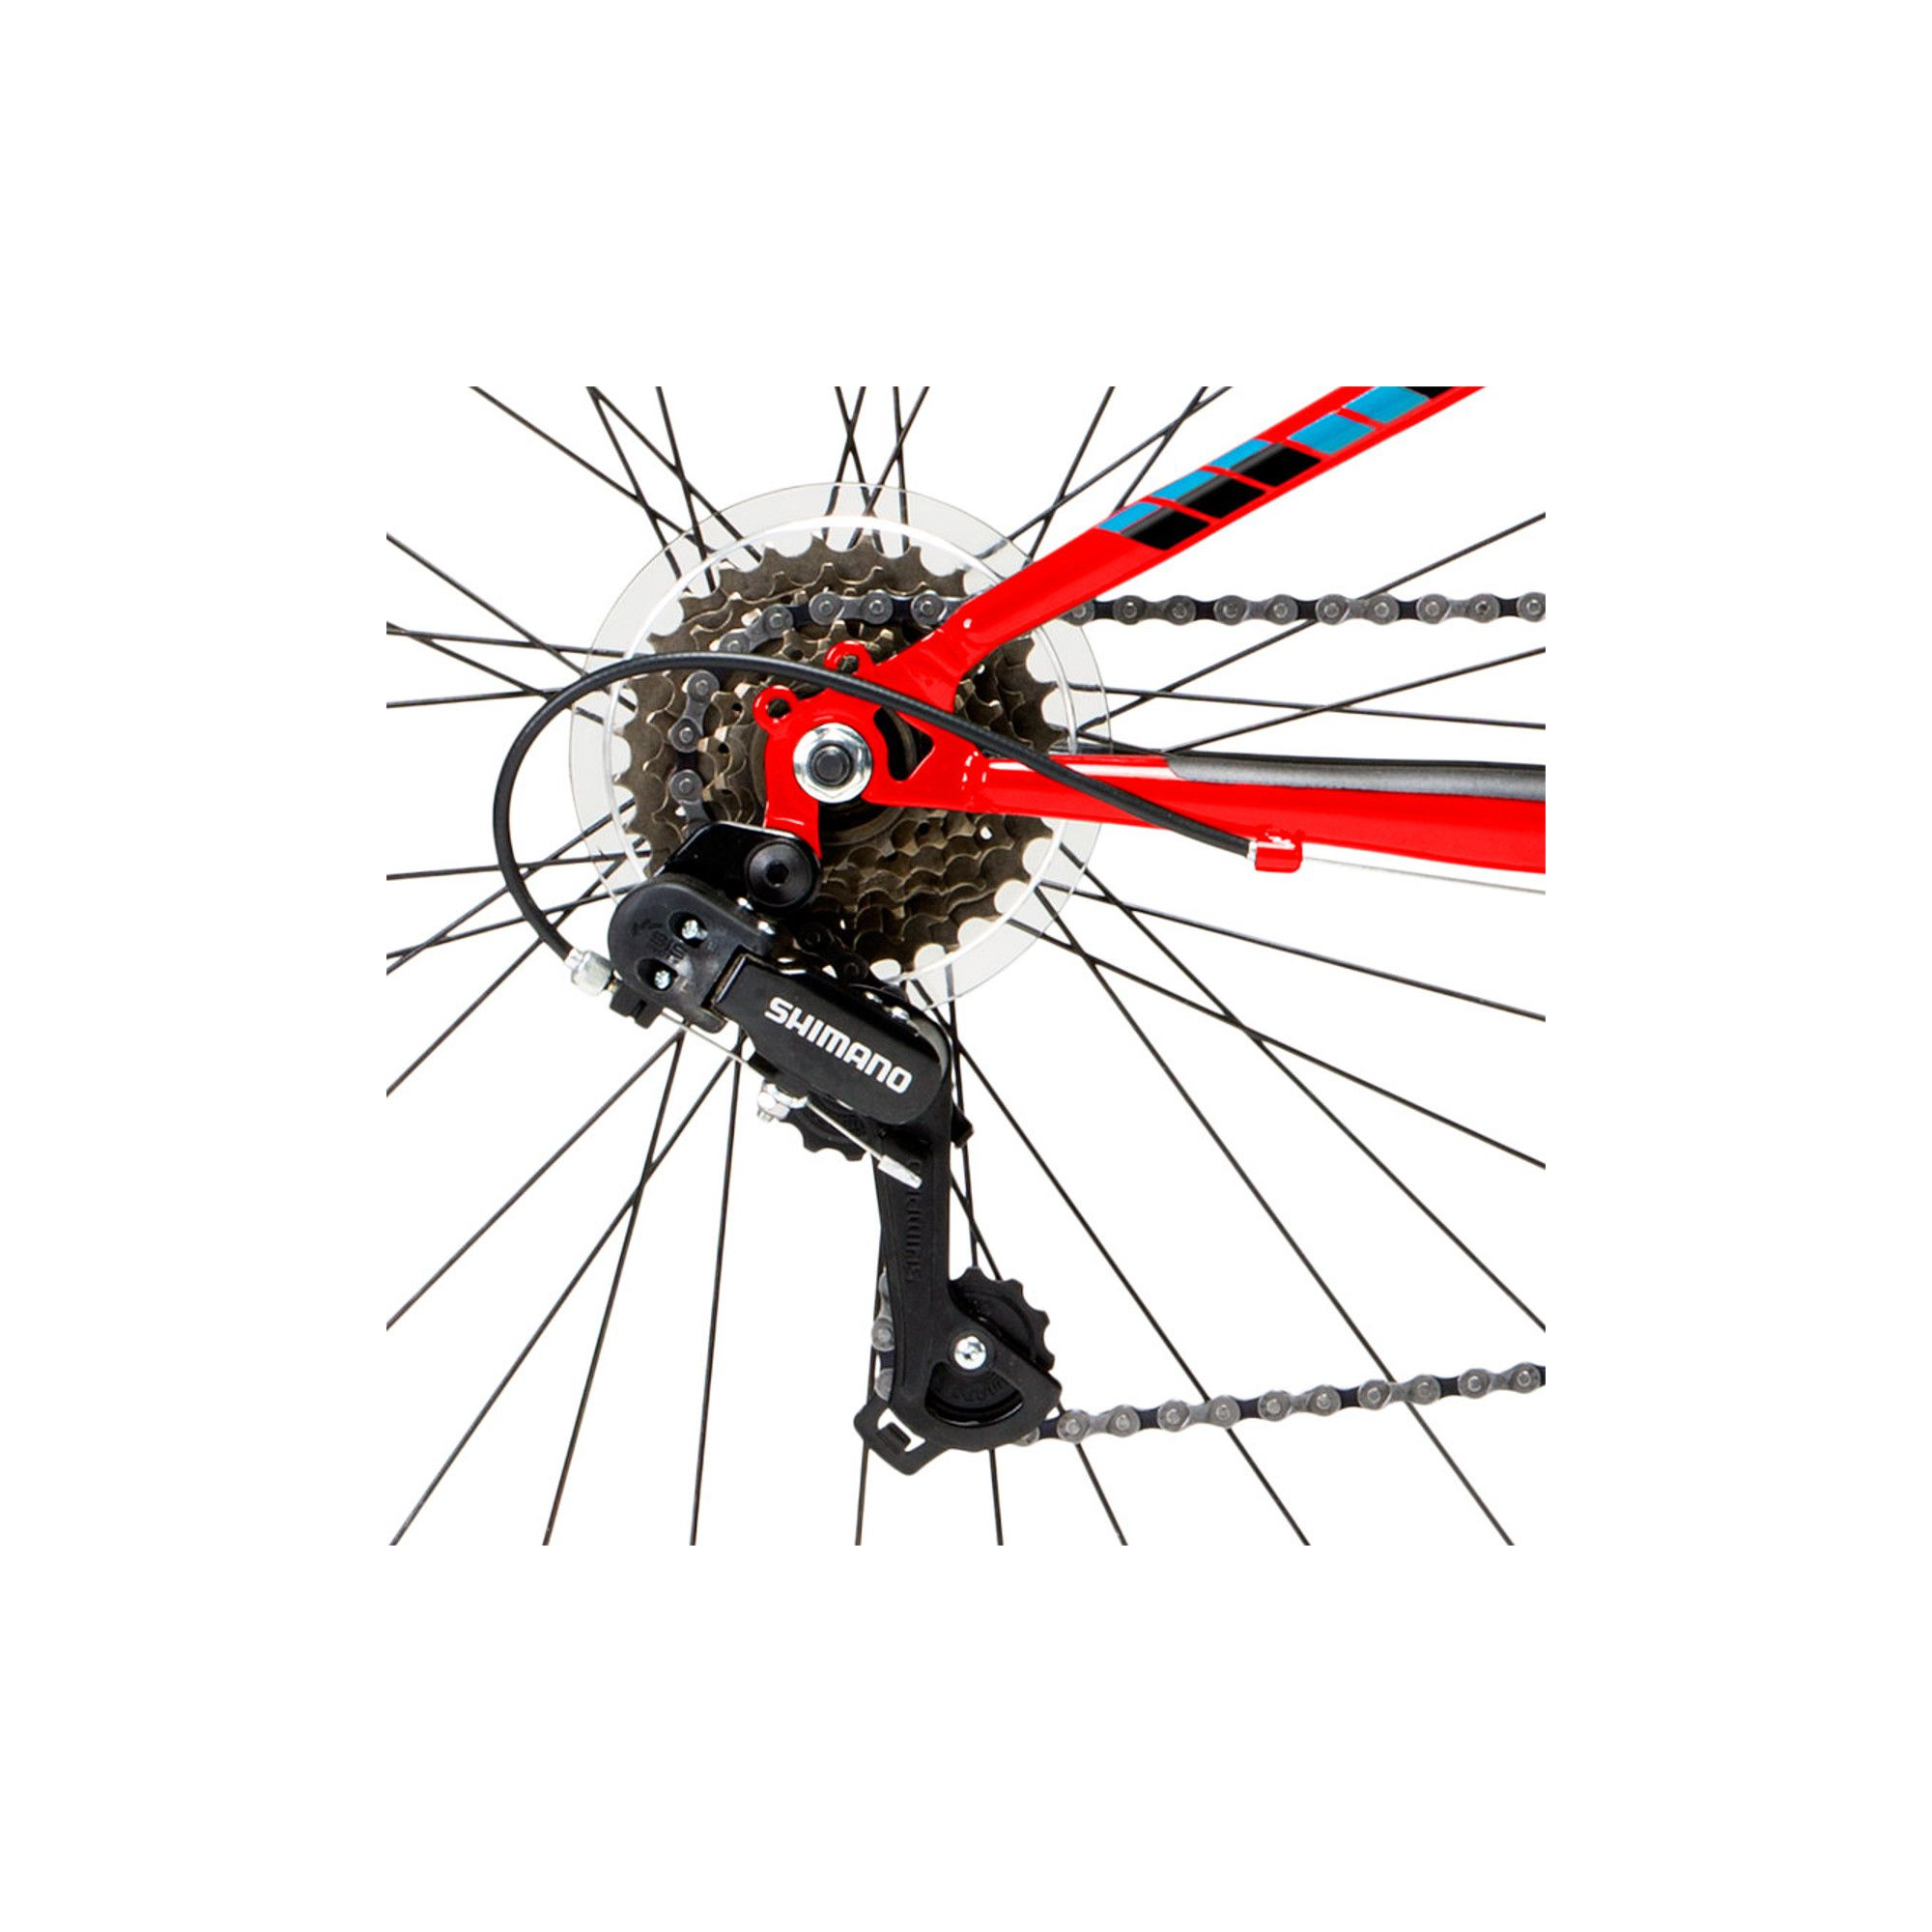 Bicicleta Infantil Groove Ragga Aro 24 21v 2020